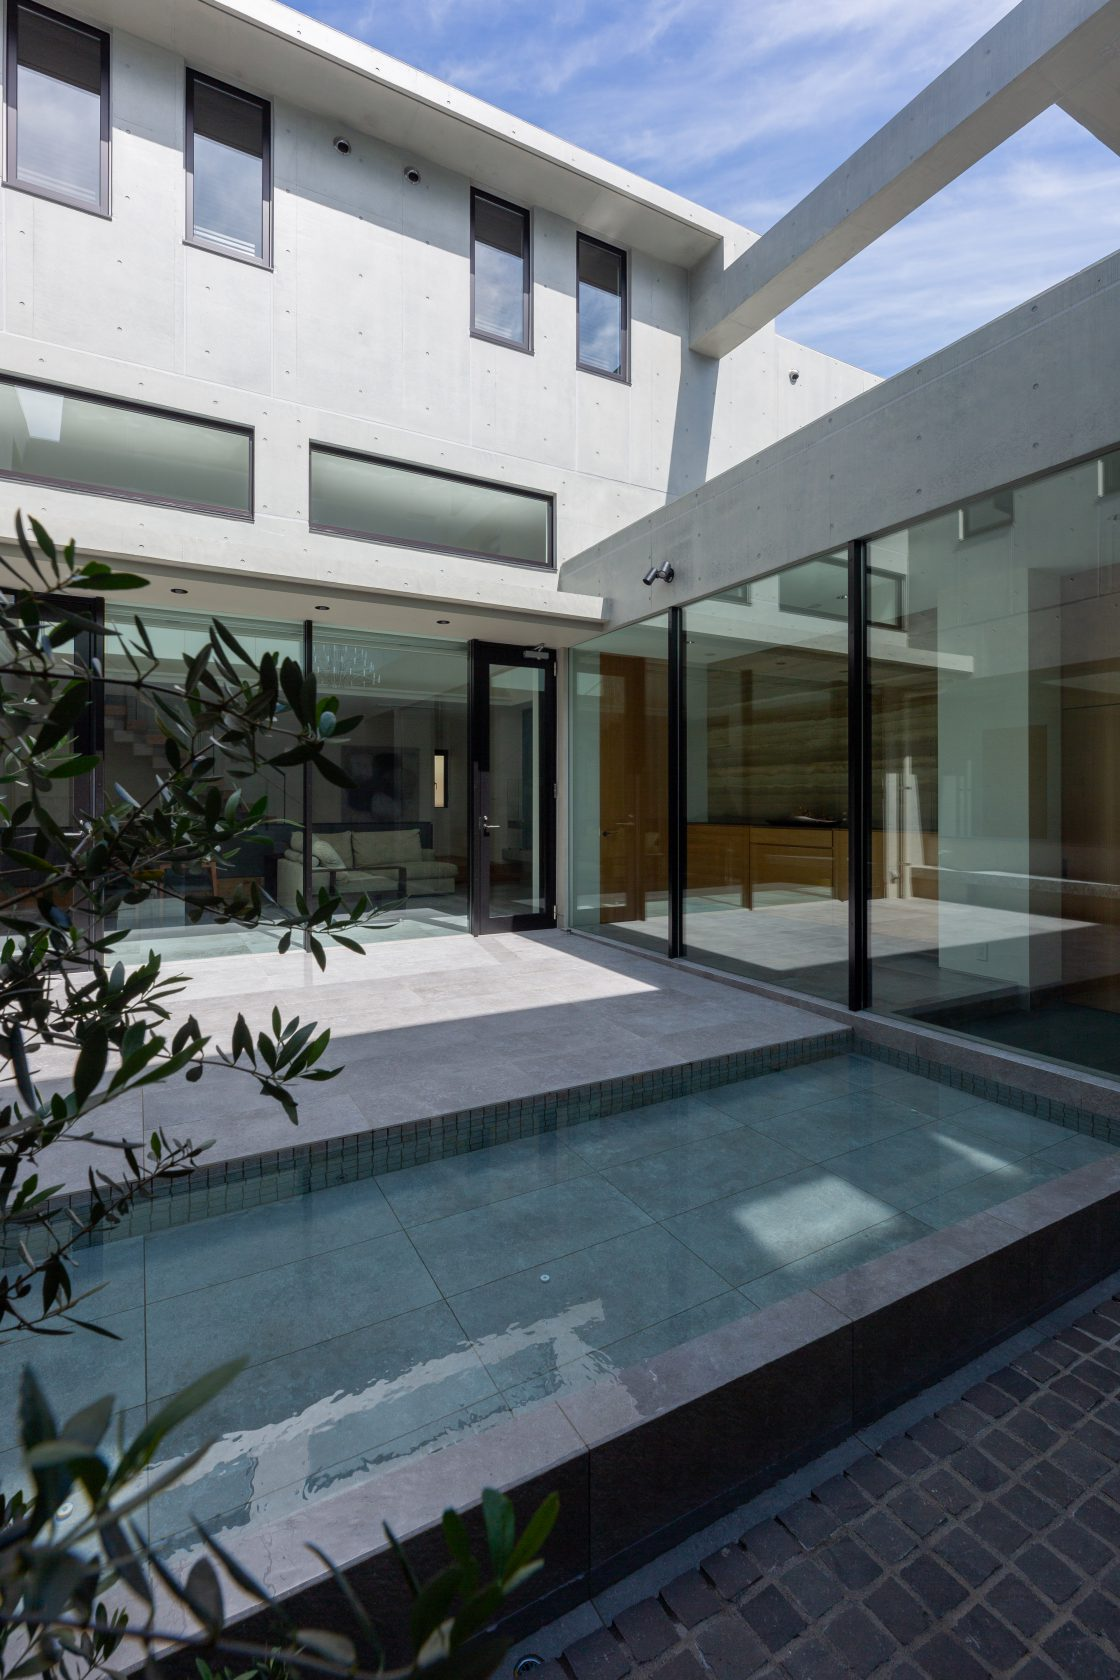 MOLSの『すべて』にこだわった邸宅実例写真